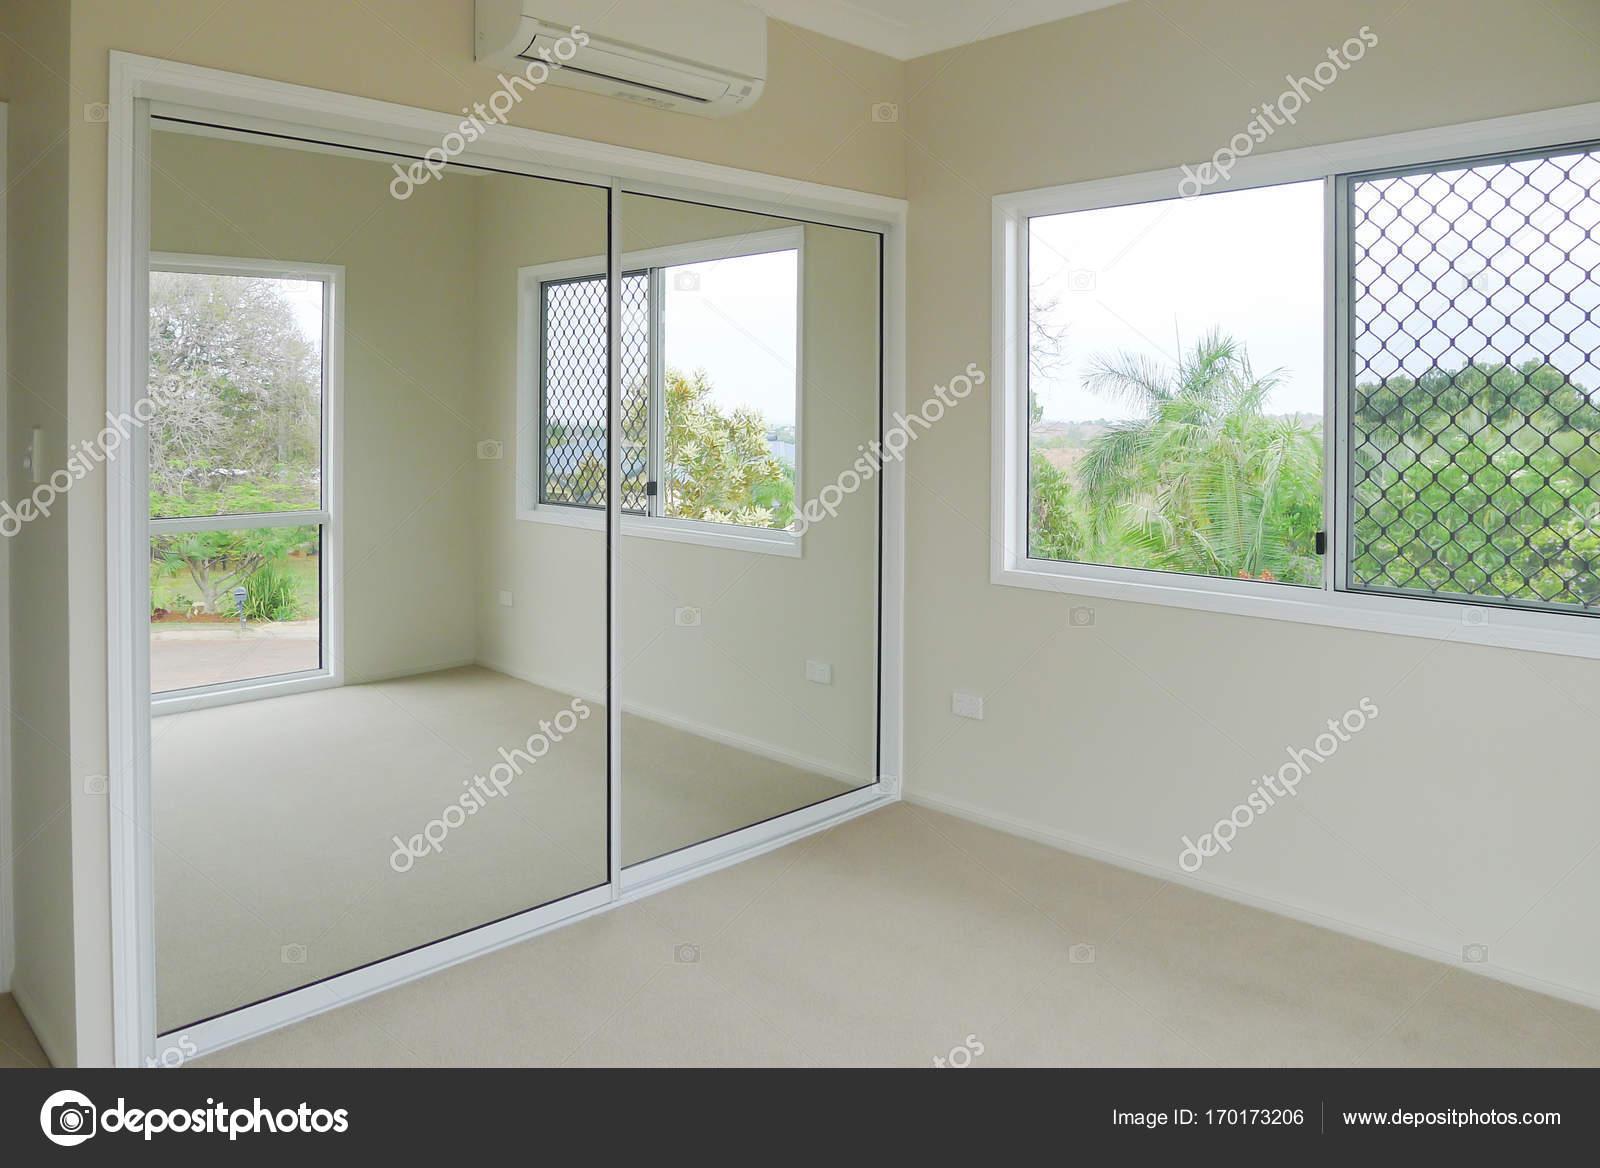 Slaapkamer met spiegel schuifdeuren op kast u2014 stockfoto © sstoll